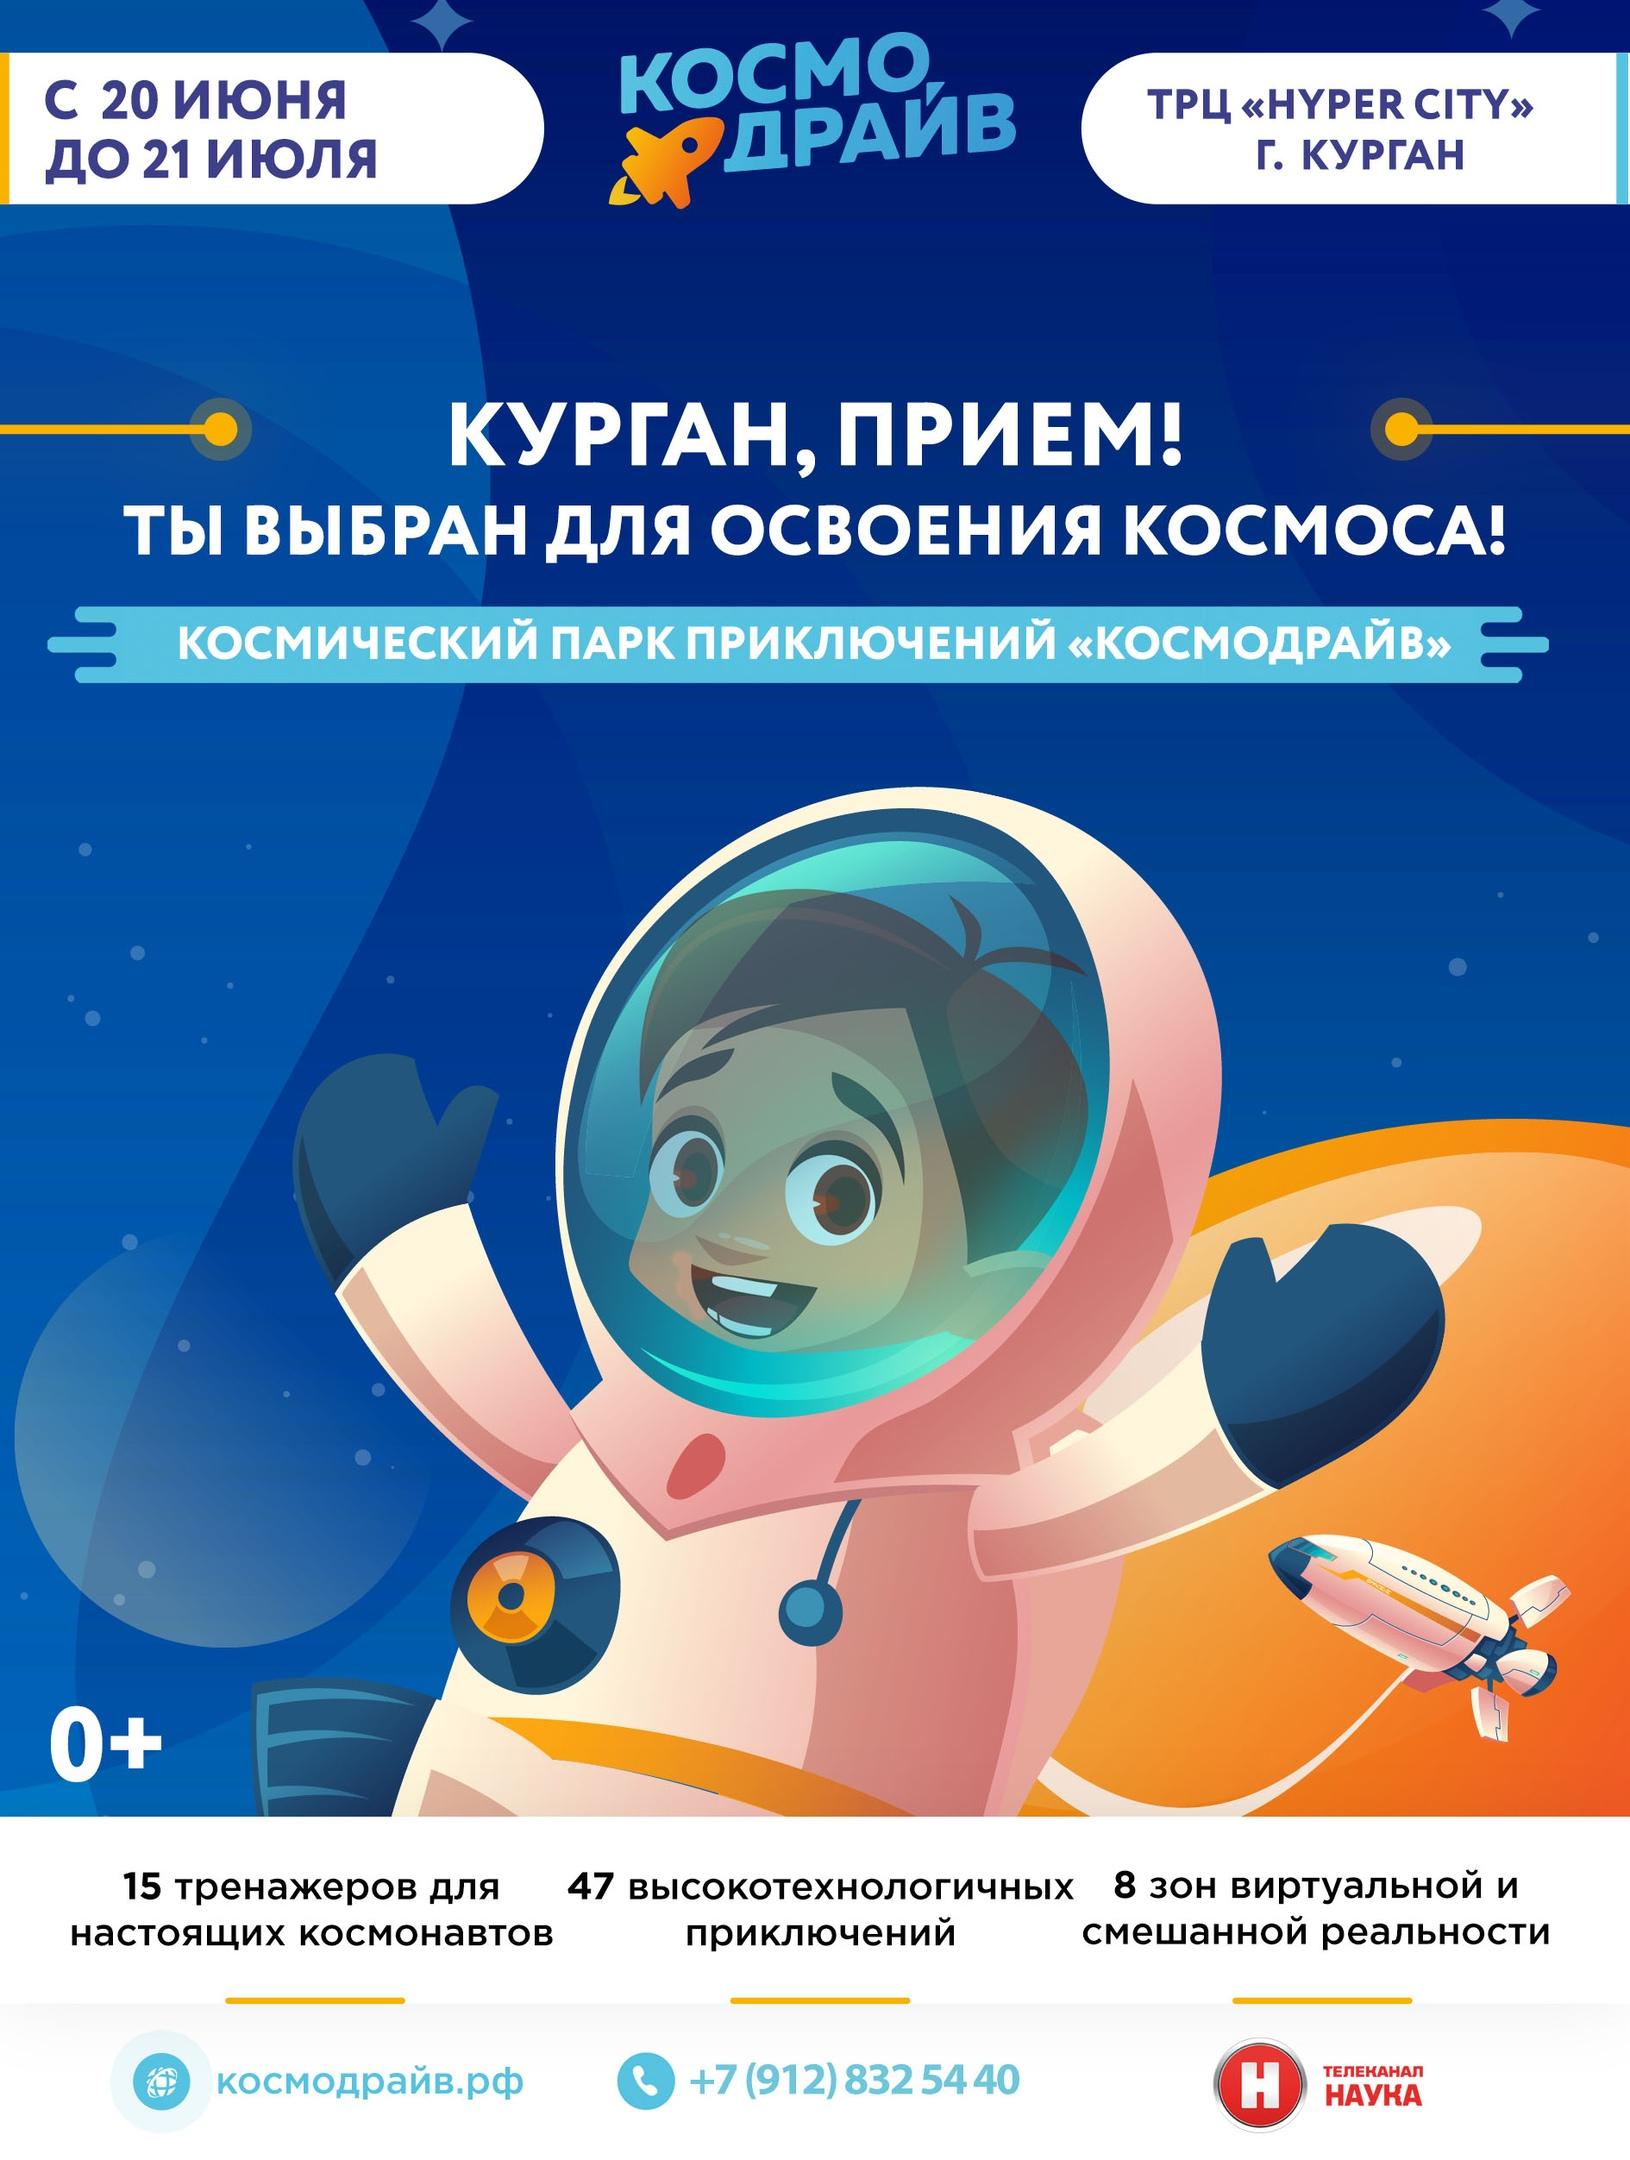 мероприятие Парк космических приключений КОСМОДРАЙВ курган афиша расписание